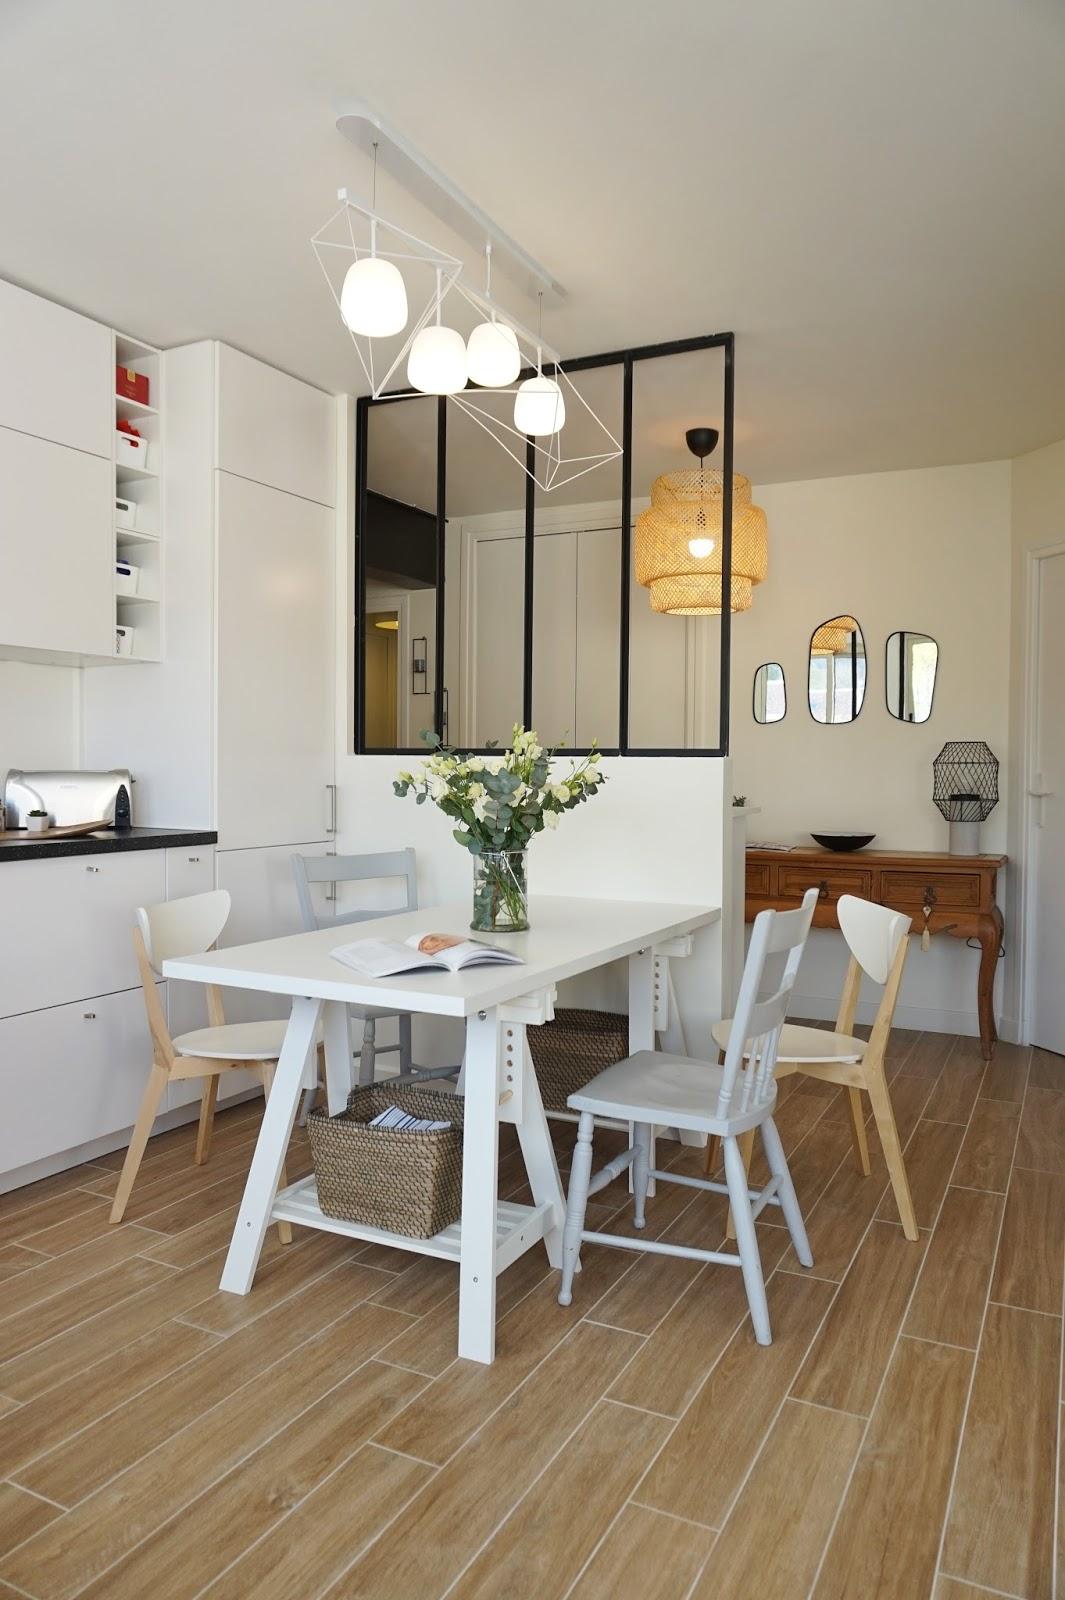 Перегородка между кухней и гостиной монохромная